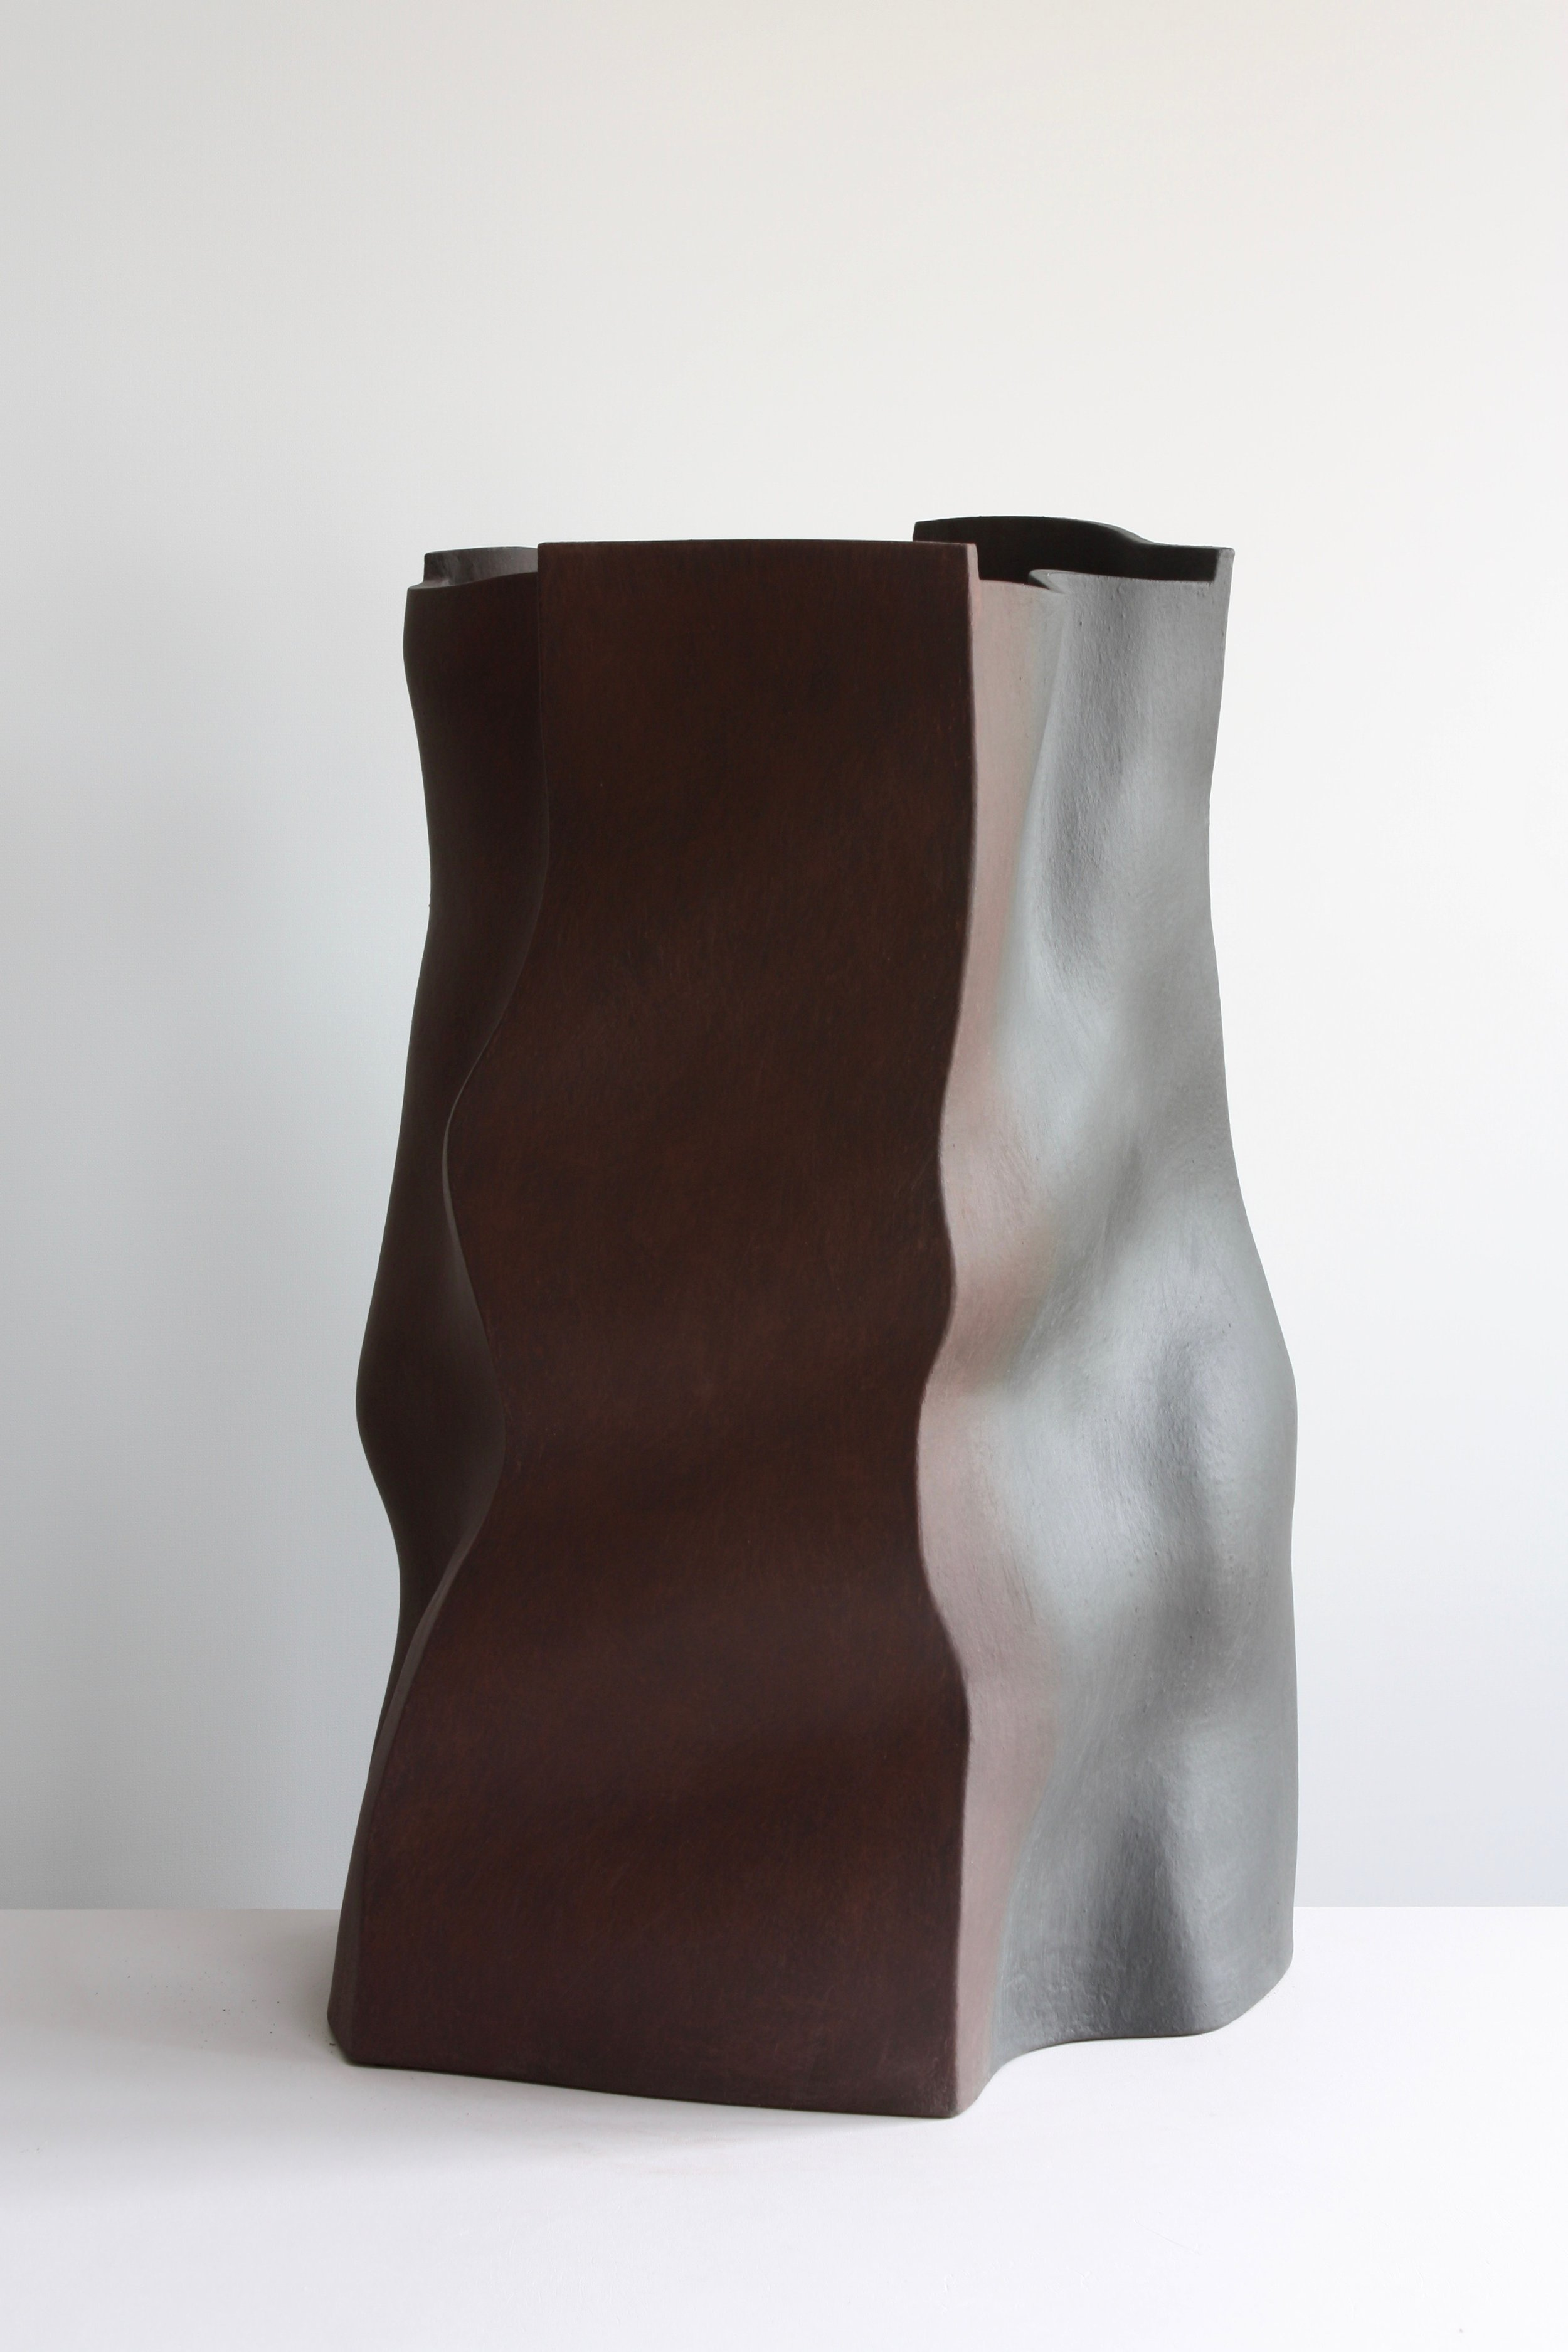 Cello, 2019, 56cm high